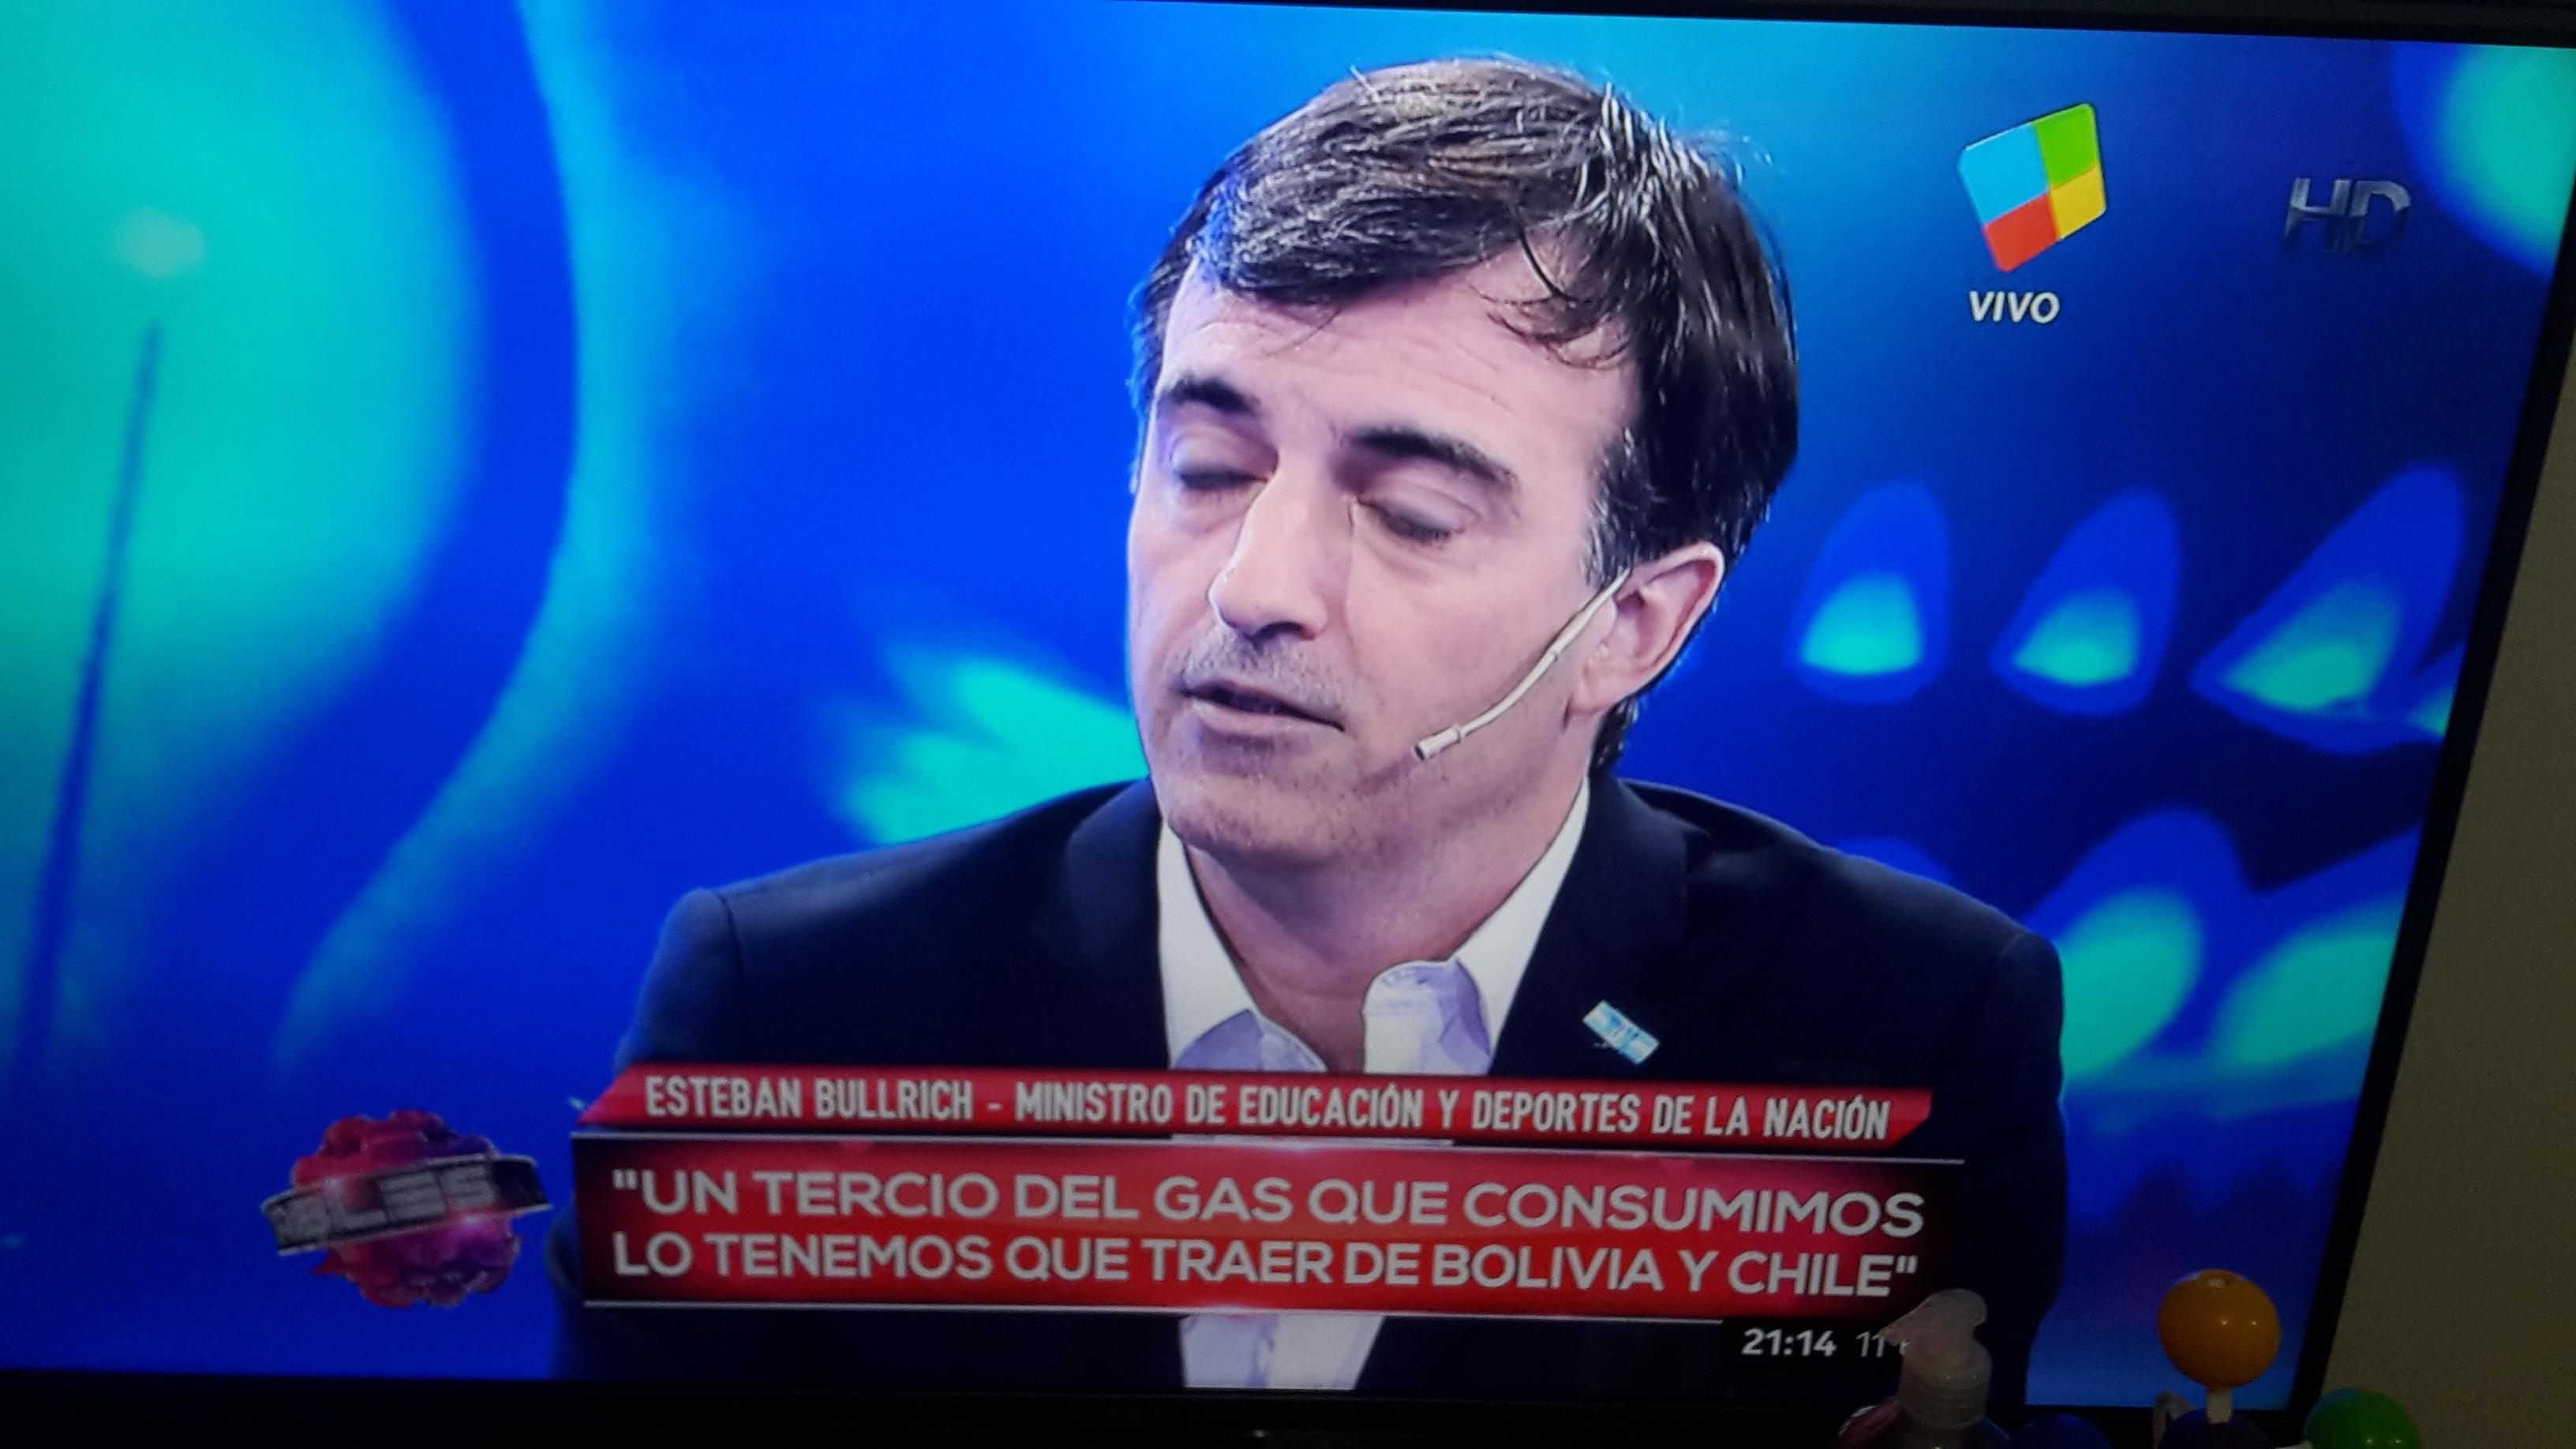 """Bullrich: """"Un tercio del gas que consumimos, lo tenemos que traer de Bolivia y Chile""""."""